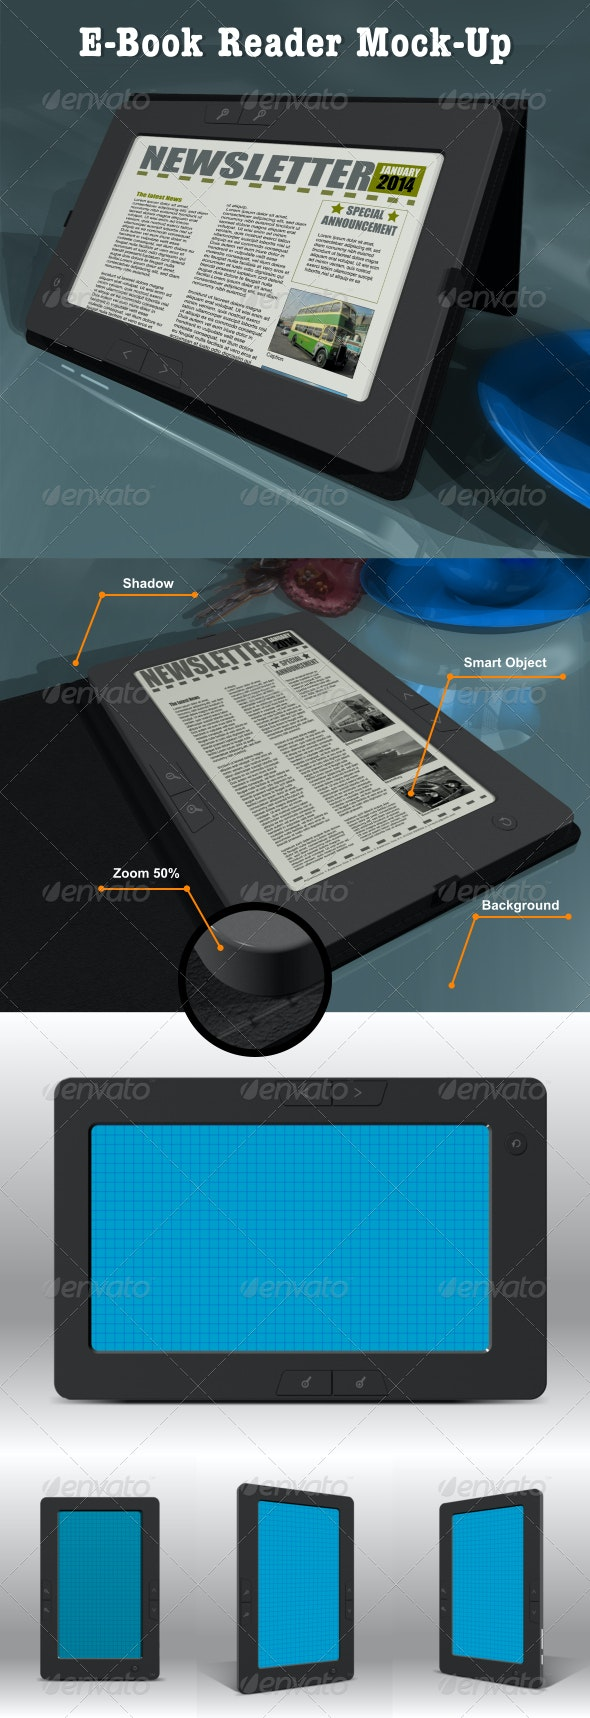 eBook Reader Mock-Up - Displays Product Mock-Ups